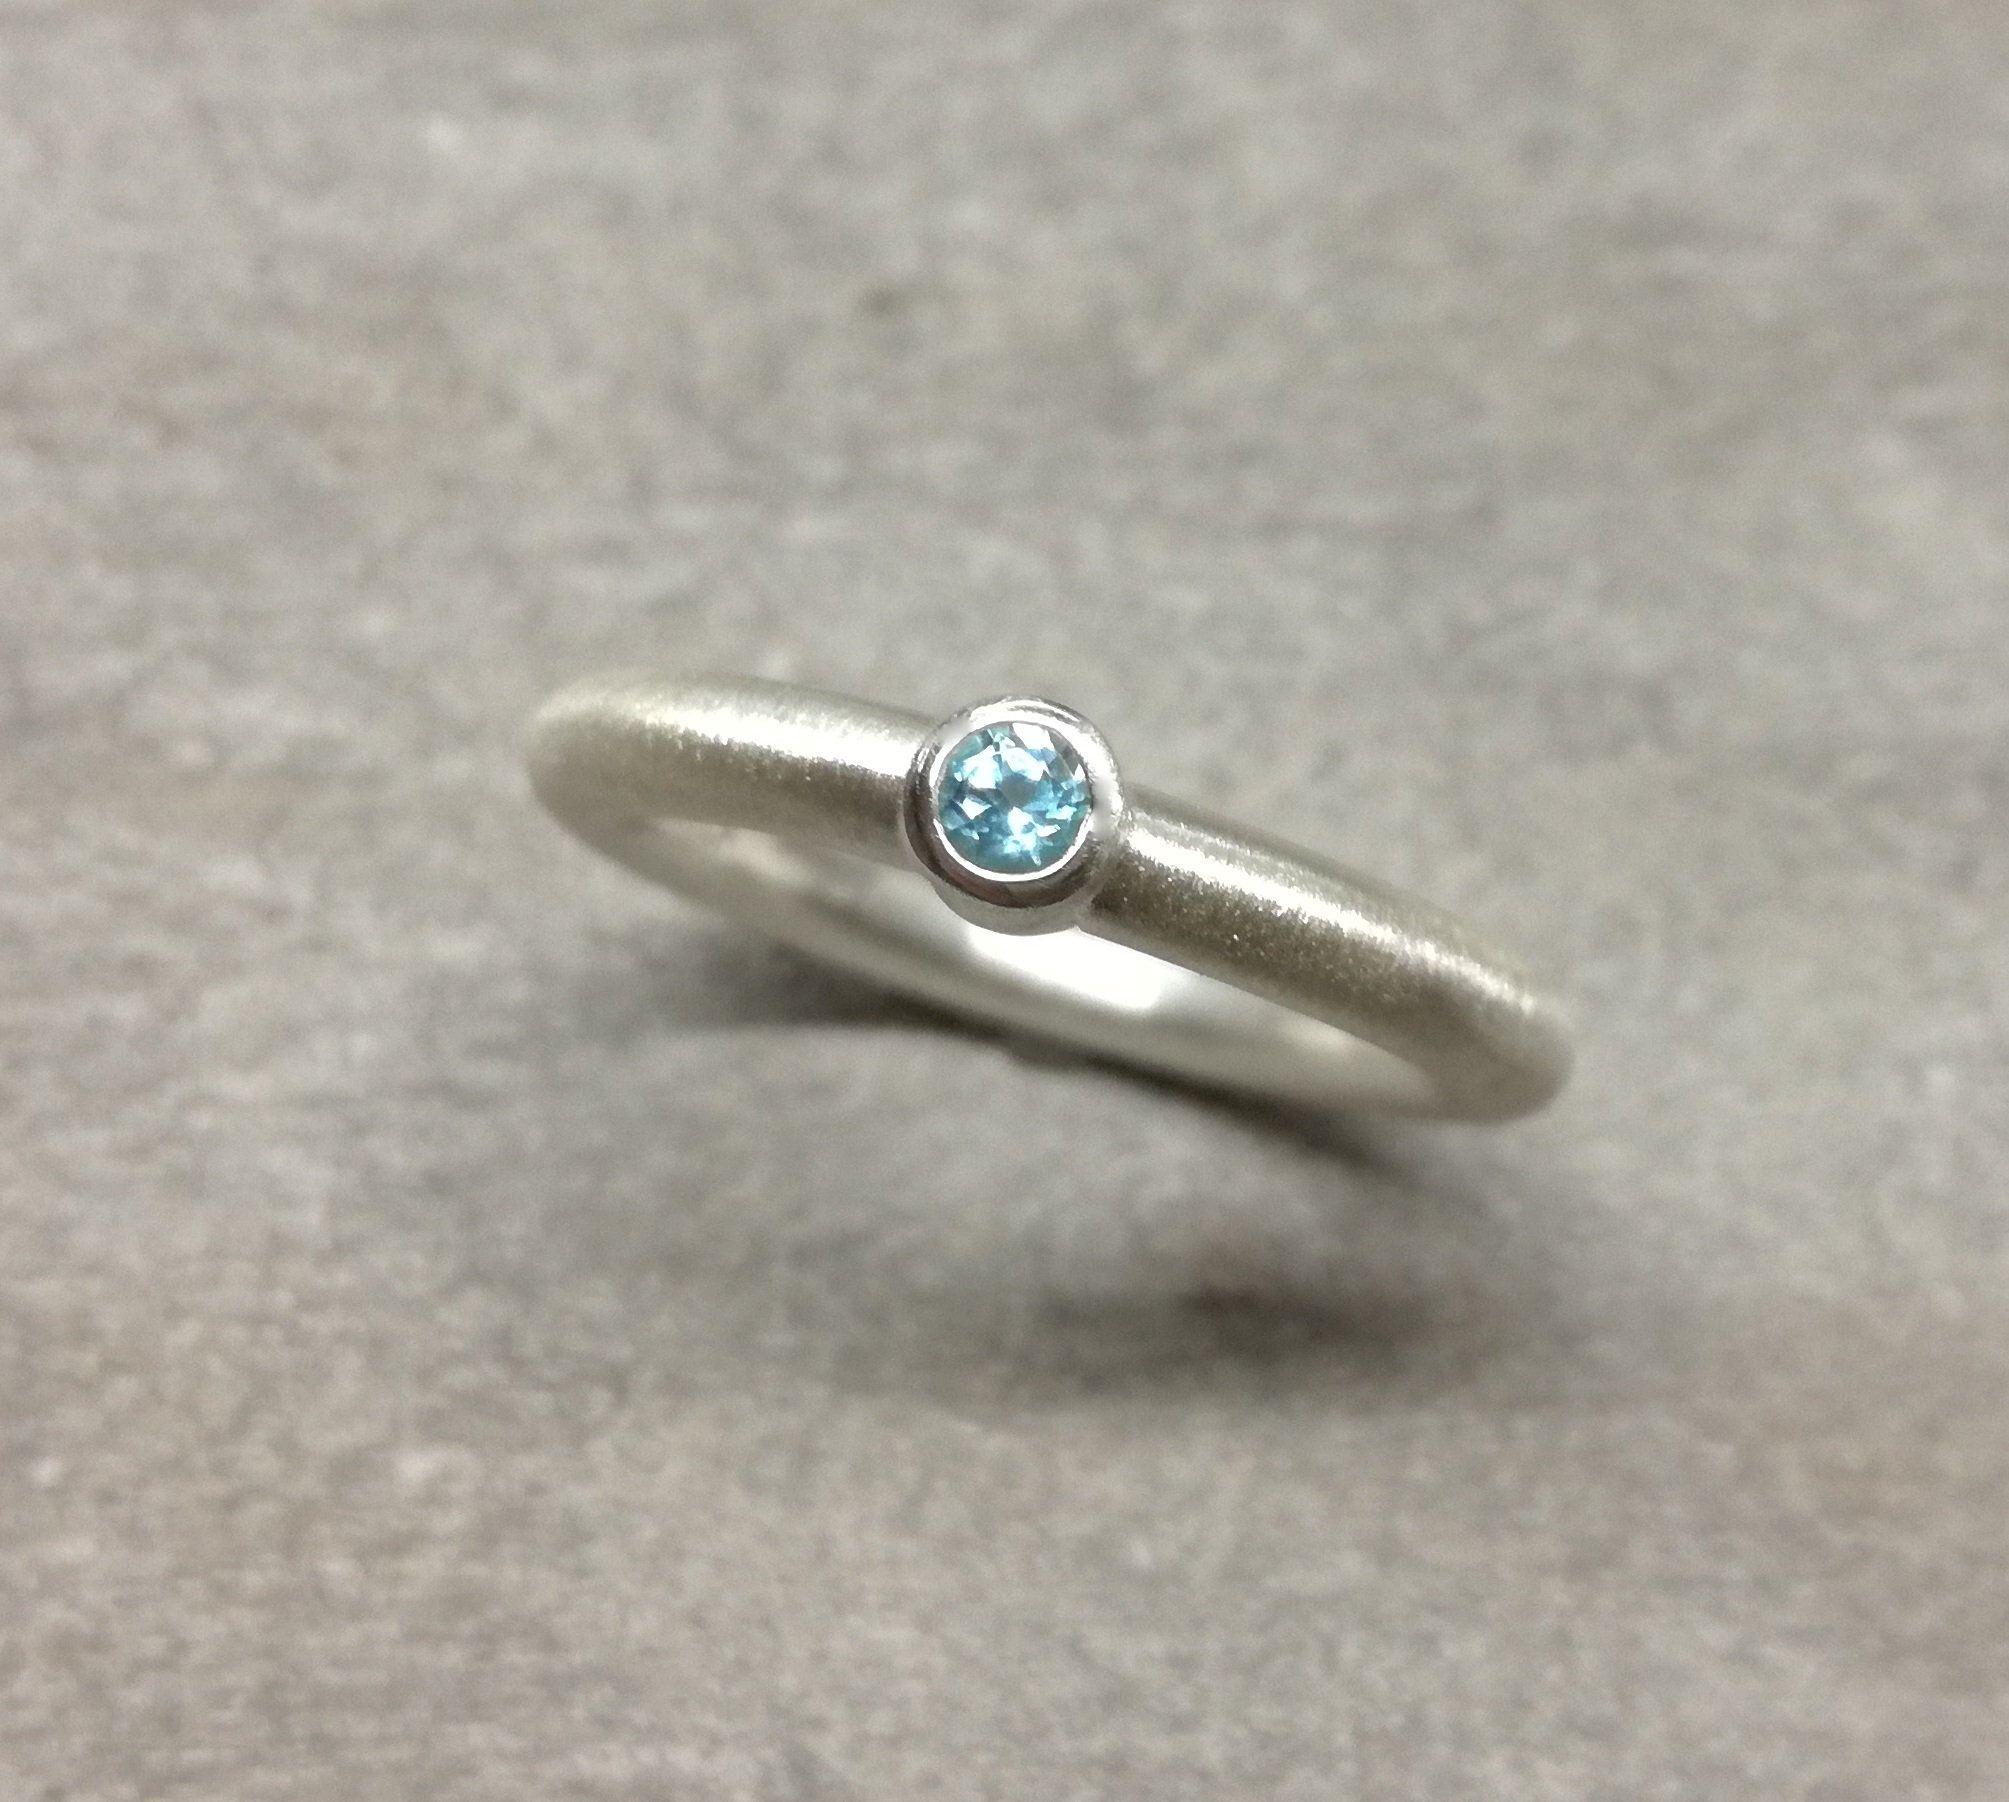 Silberring Mit Blautopas Schmal Dezent Ansteckring Verlobungsring